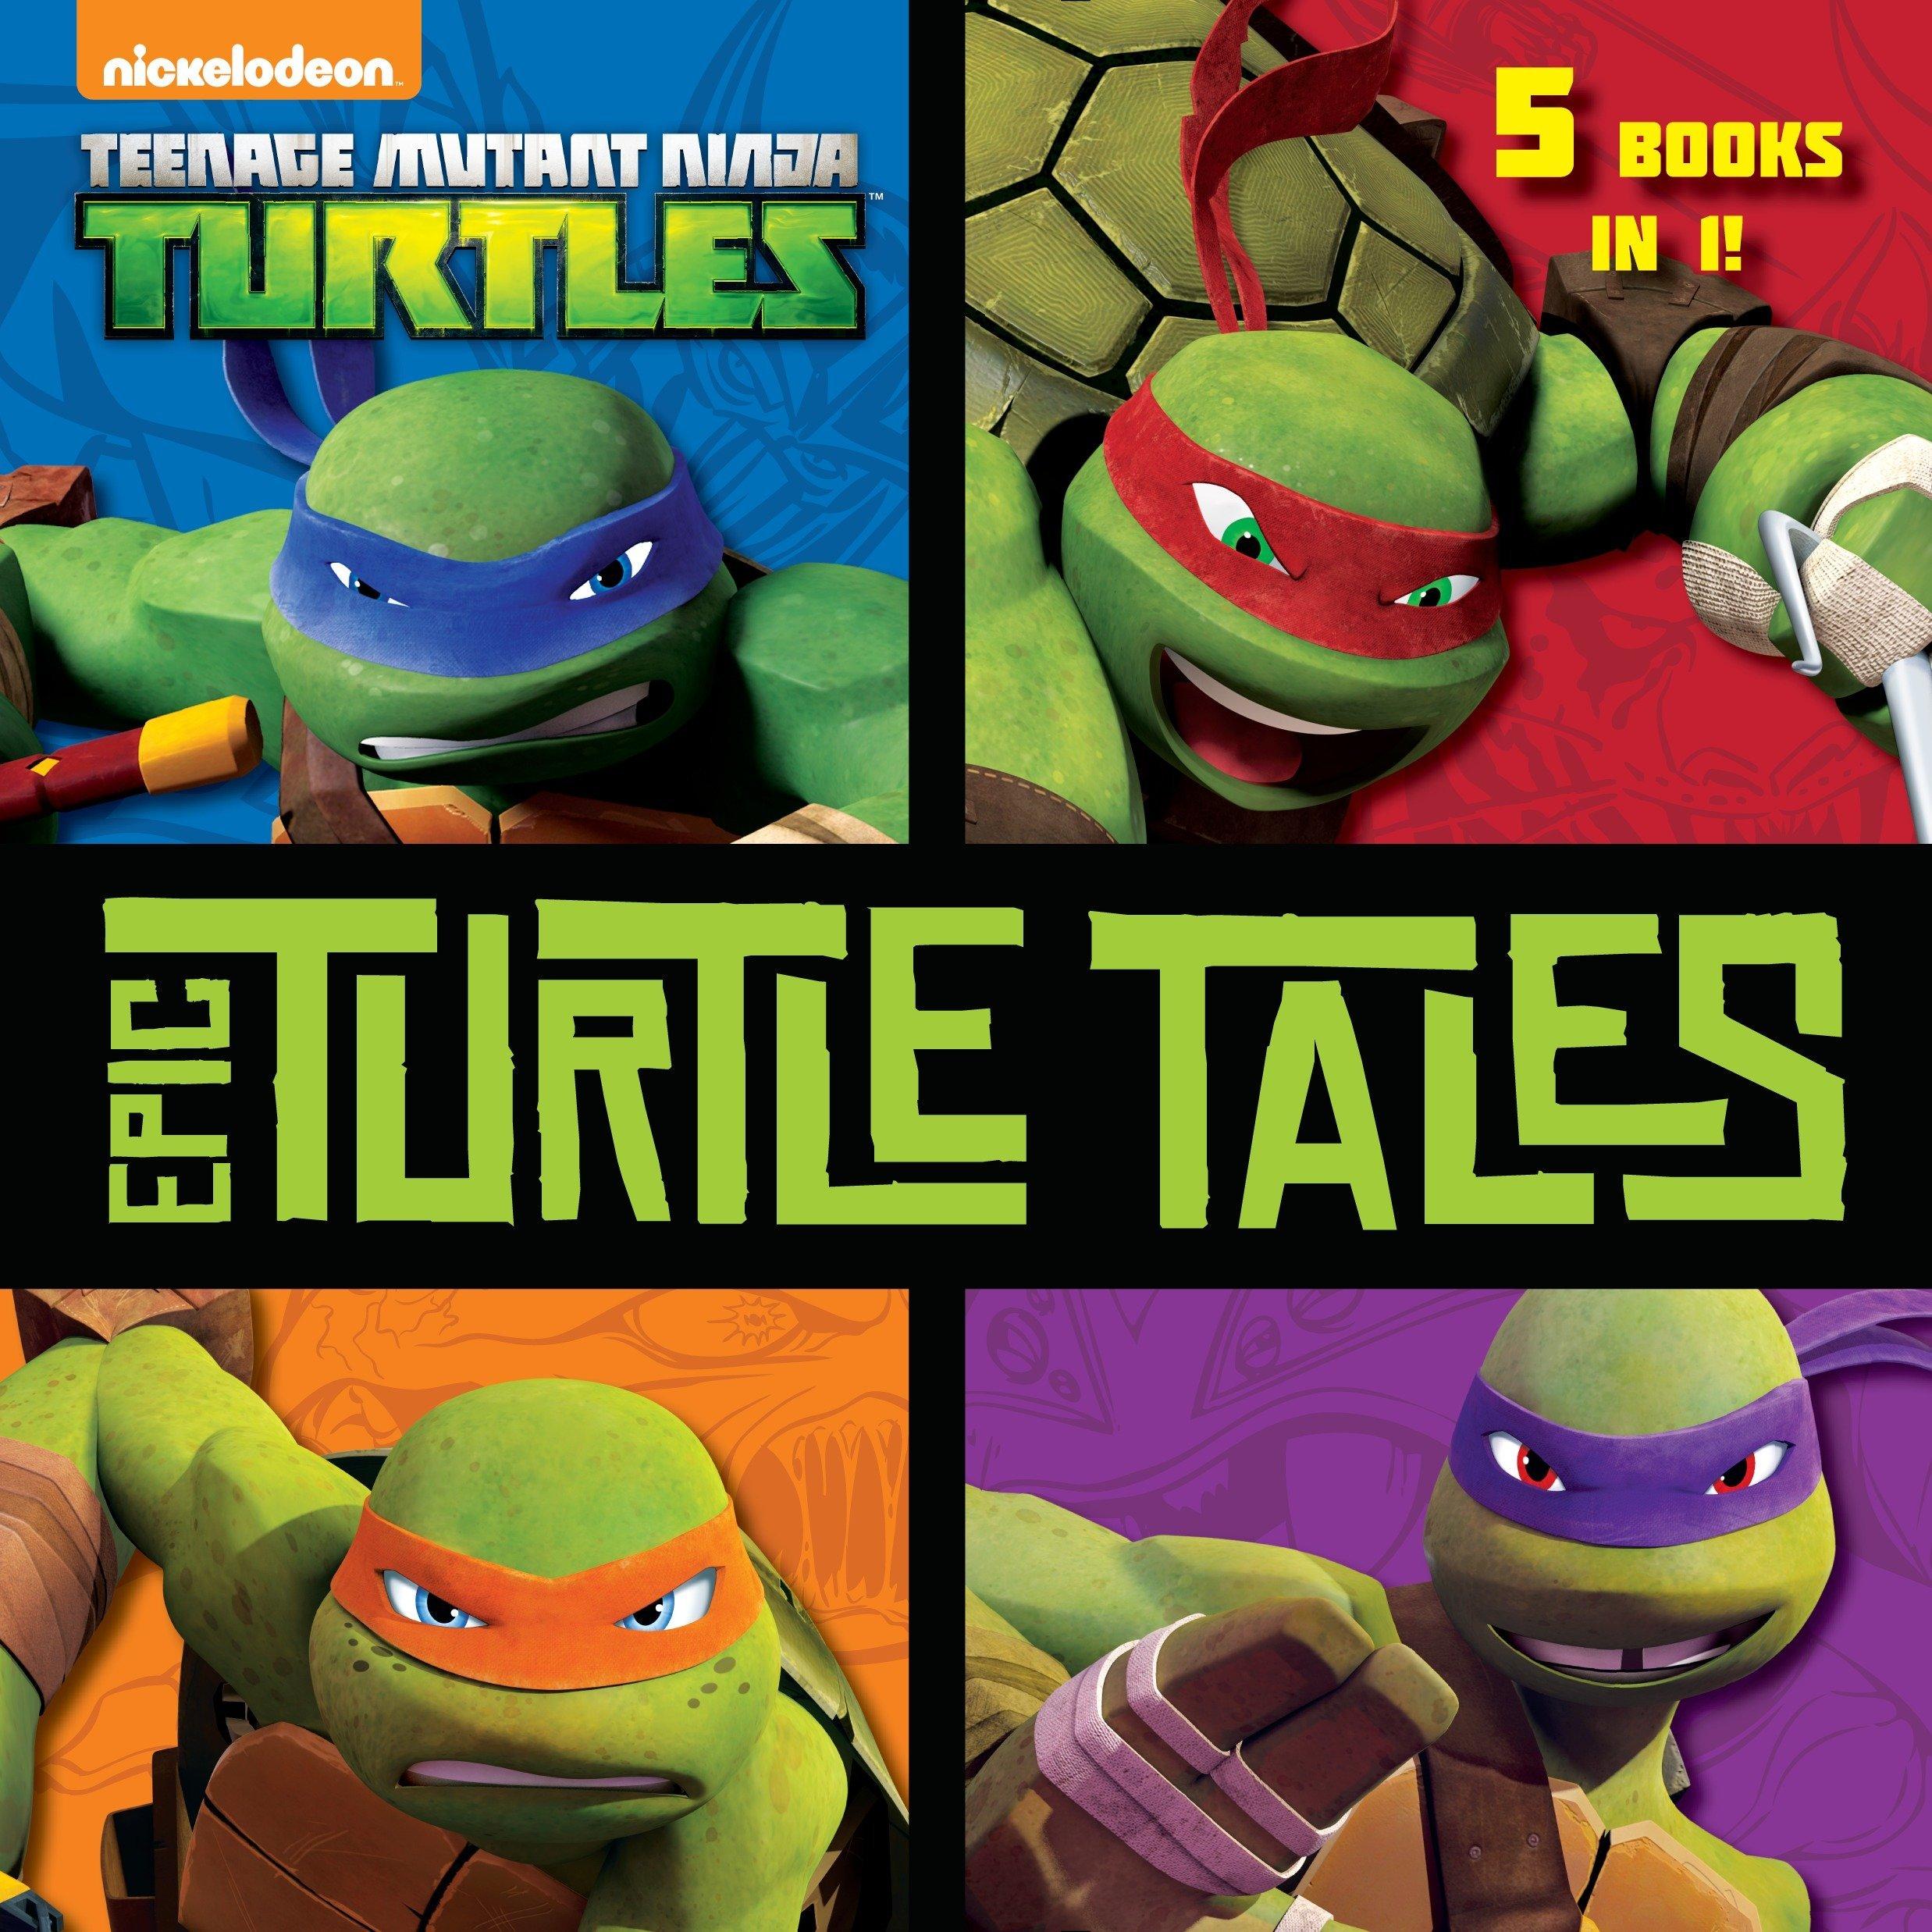 Epic Turtle Tales (Teenage Mutant Ninja Turtles): Amazon.es ...